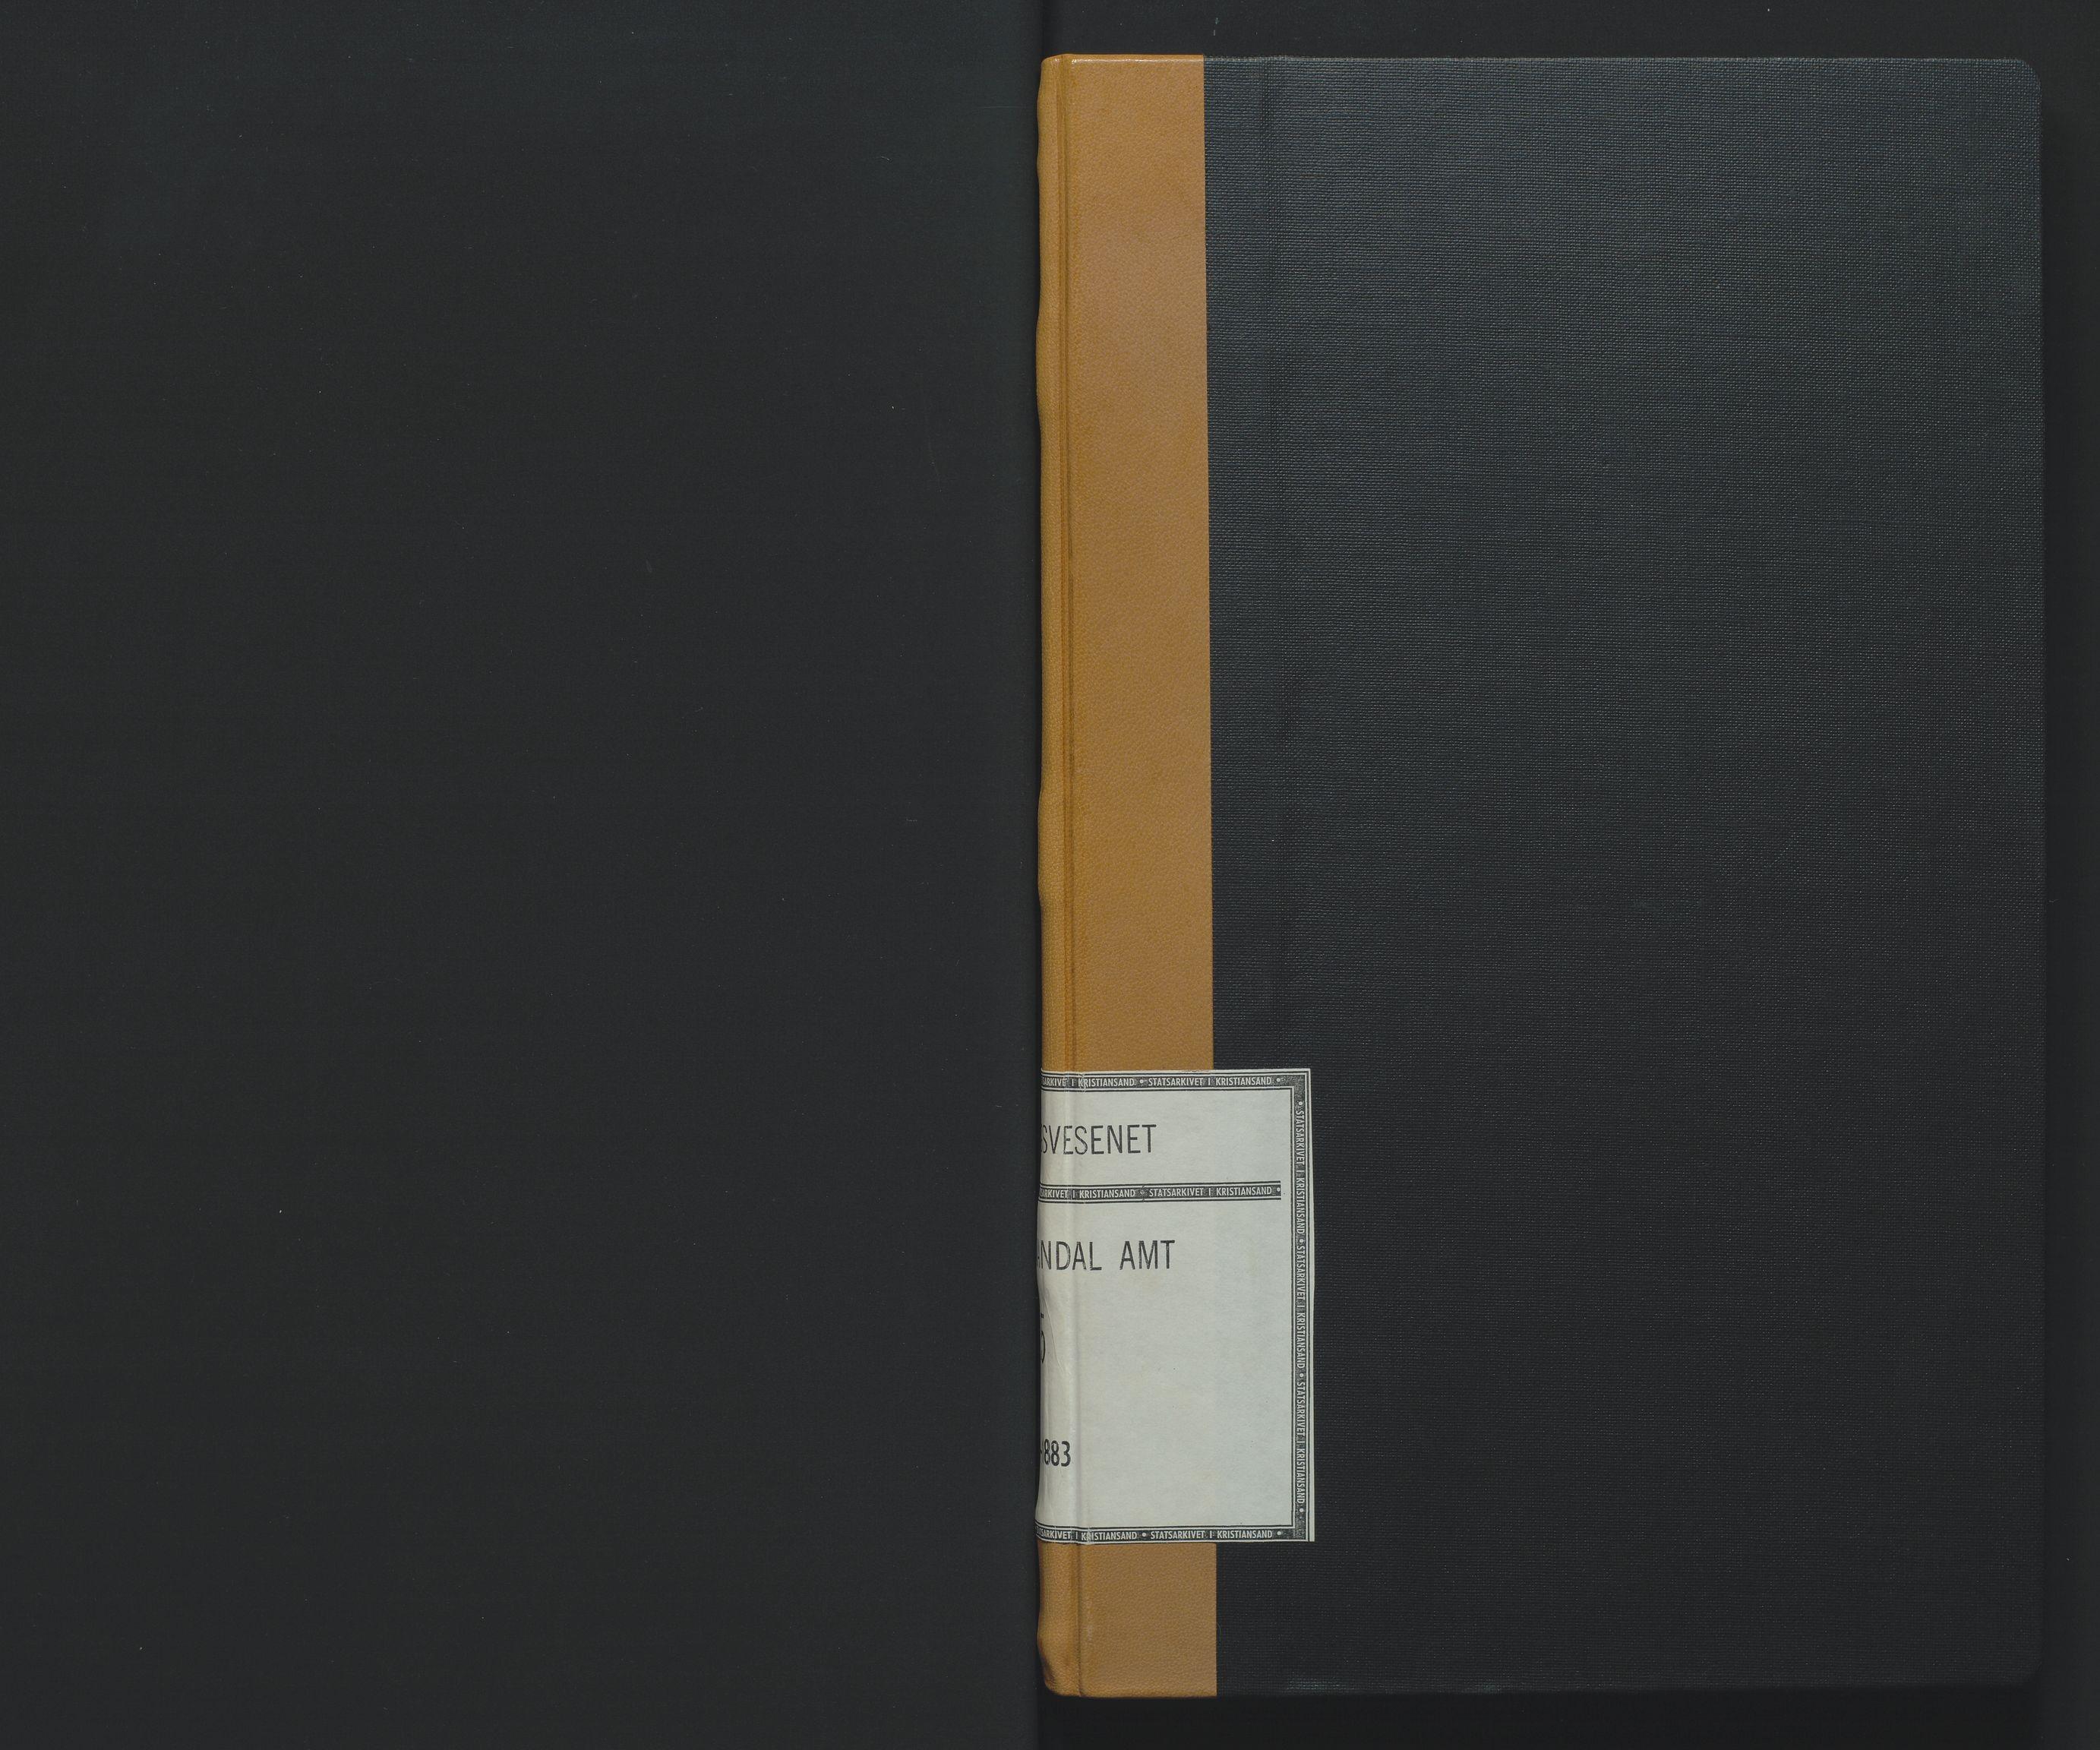 SAK, Utskiftningsformannen i Lister og Mandal amt, F/Fa/Faa/L0015: Utskiftningsprotokoll med register nr 15, 1880-1883